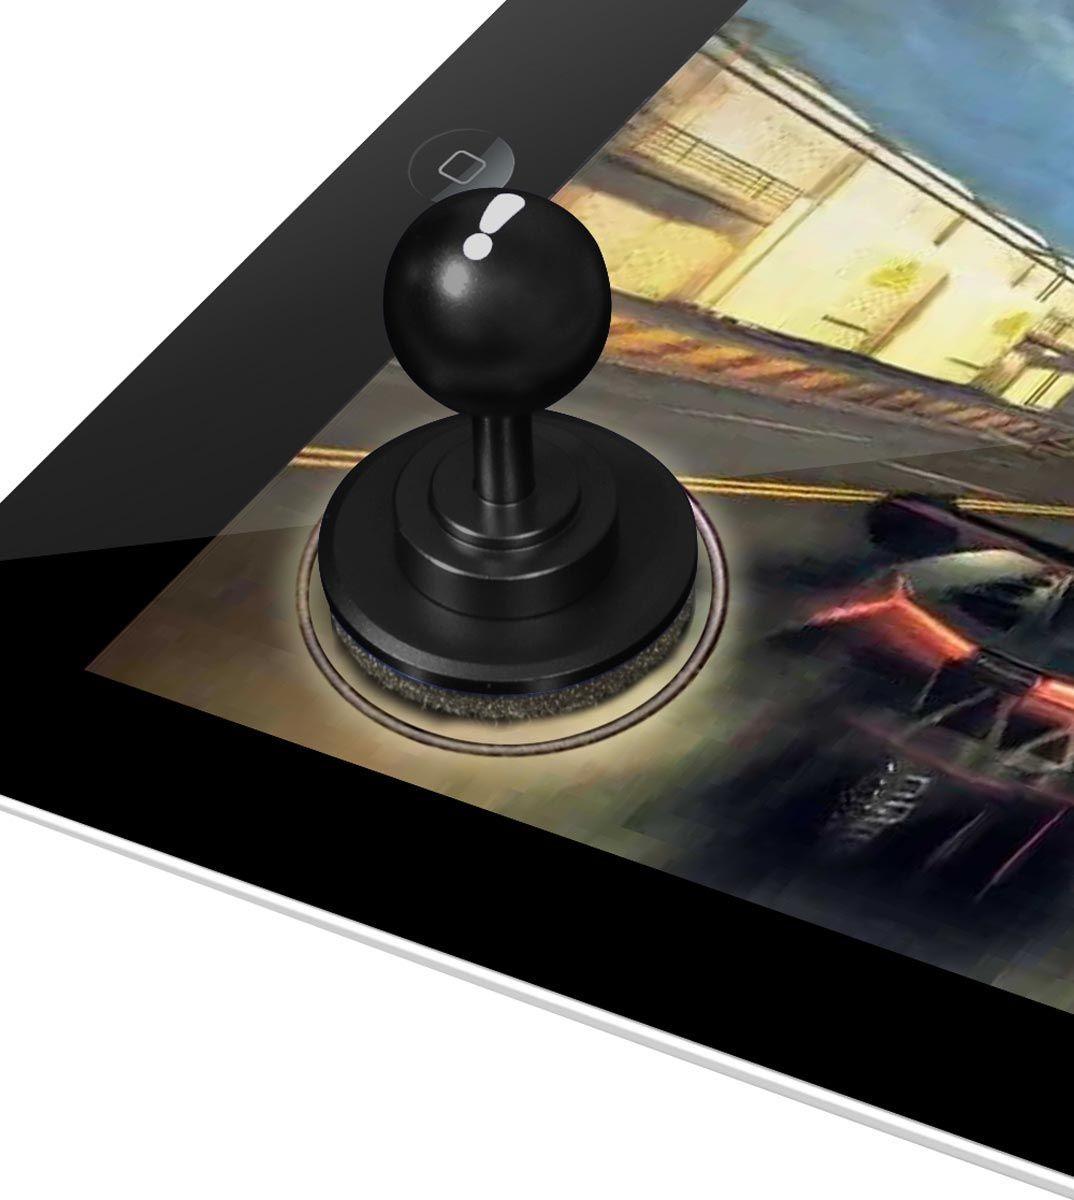 Joystick p/ Tablet Mobi Joytab Preto - Linha Mobi B-o